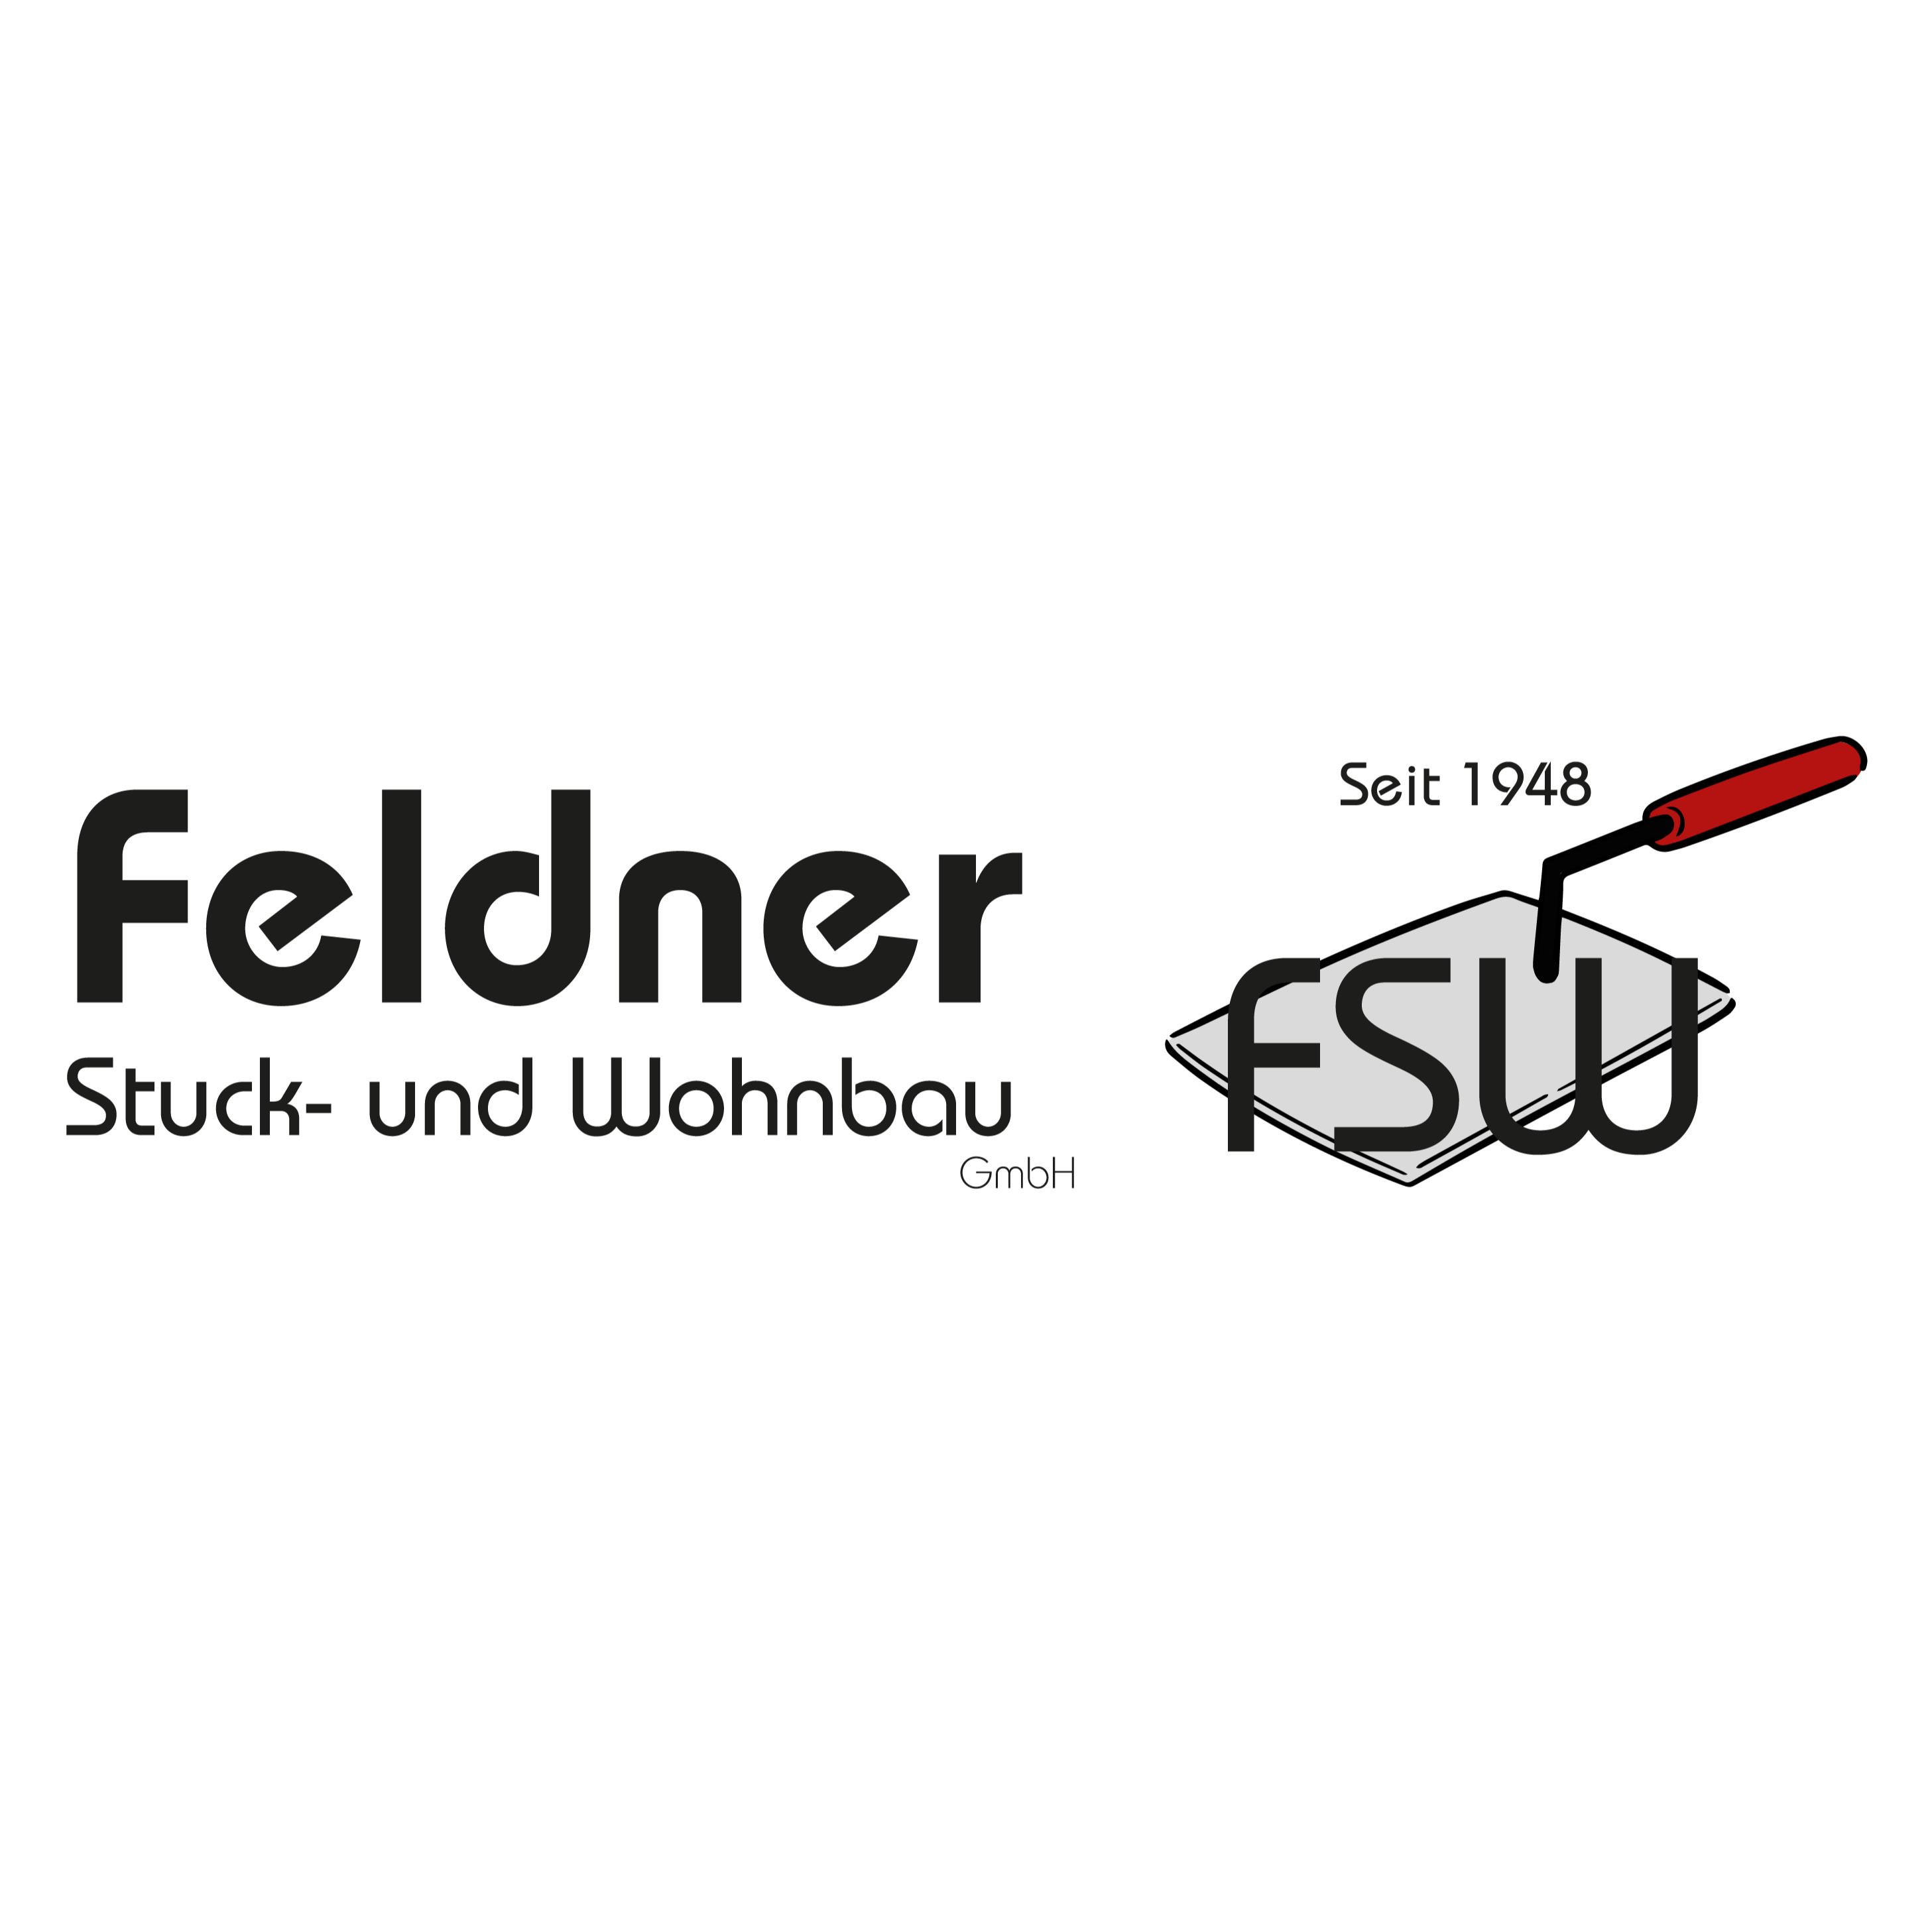 Bild zu Feldner Stuck- und Wohnbau GmbH in Cadolzburg